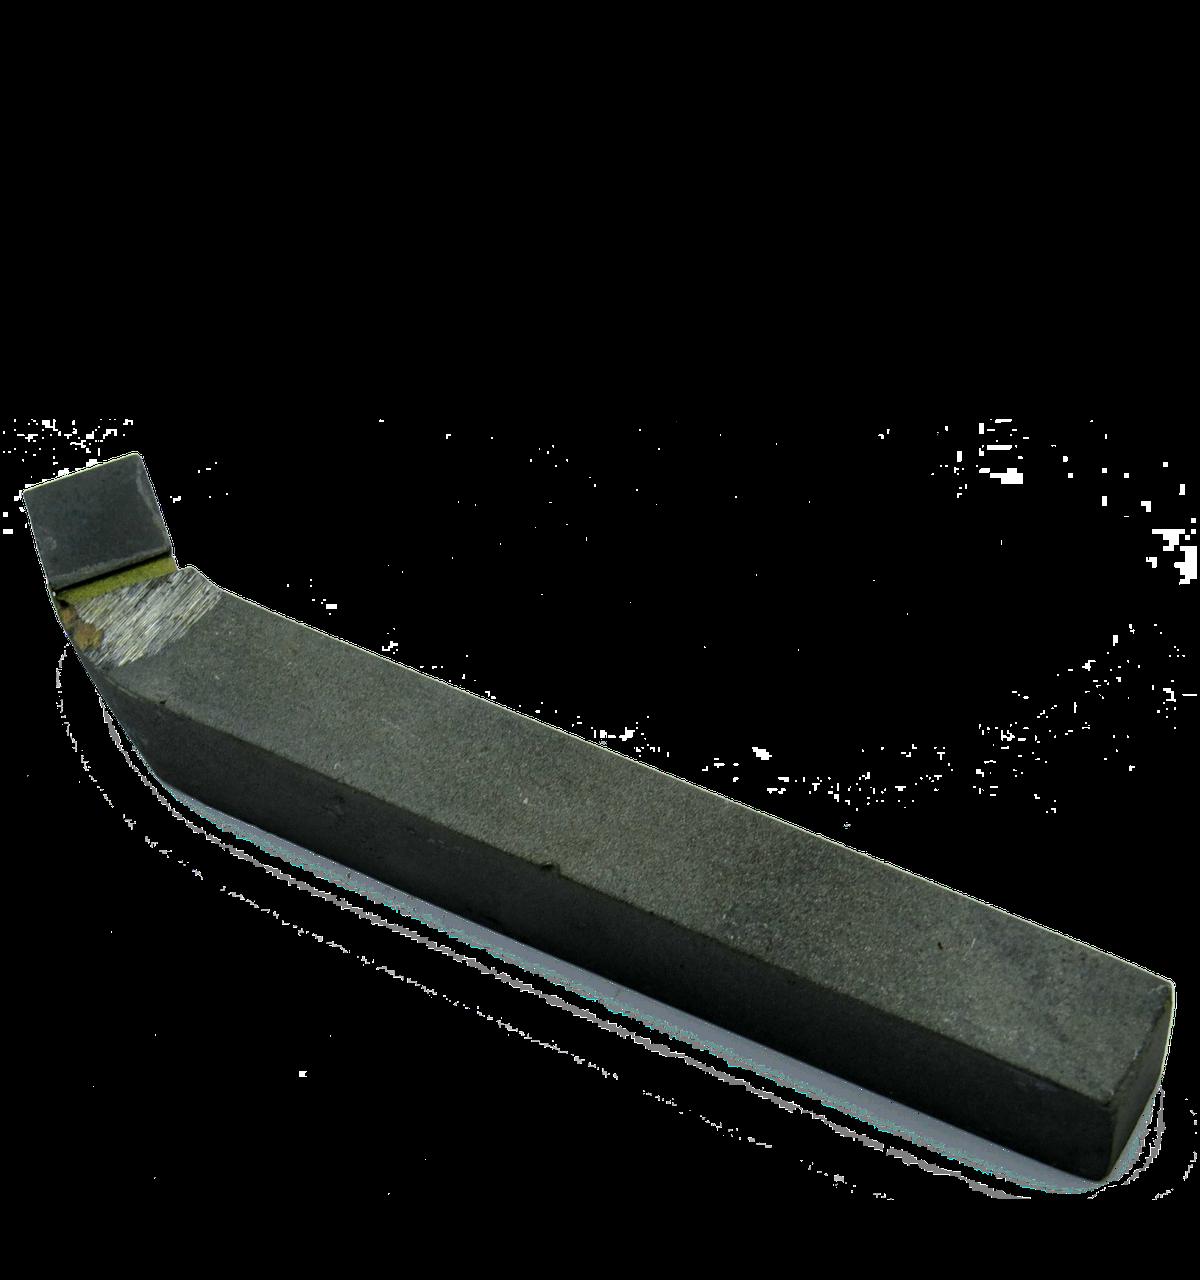 Резец токарный проходной отогнутый левый 25х16х140 (ВК8) СИТО Беларусь